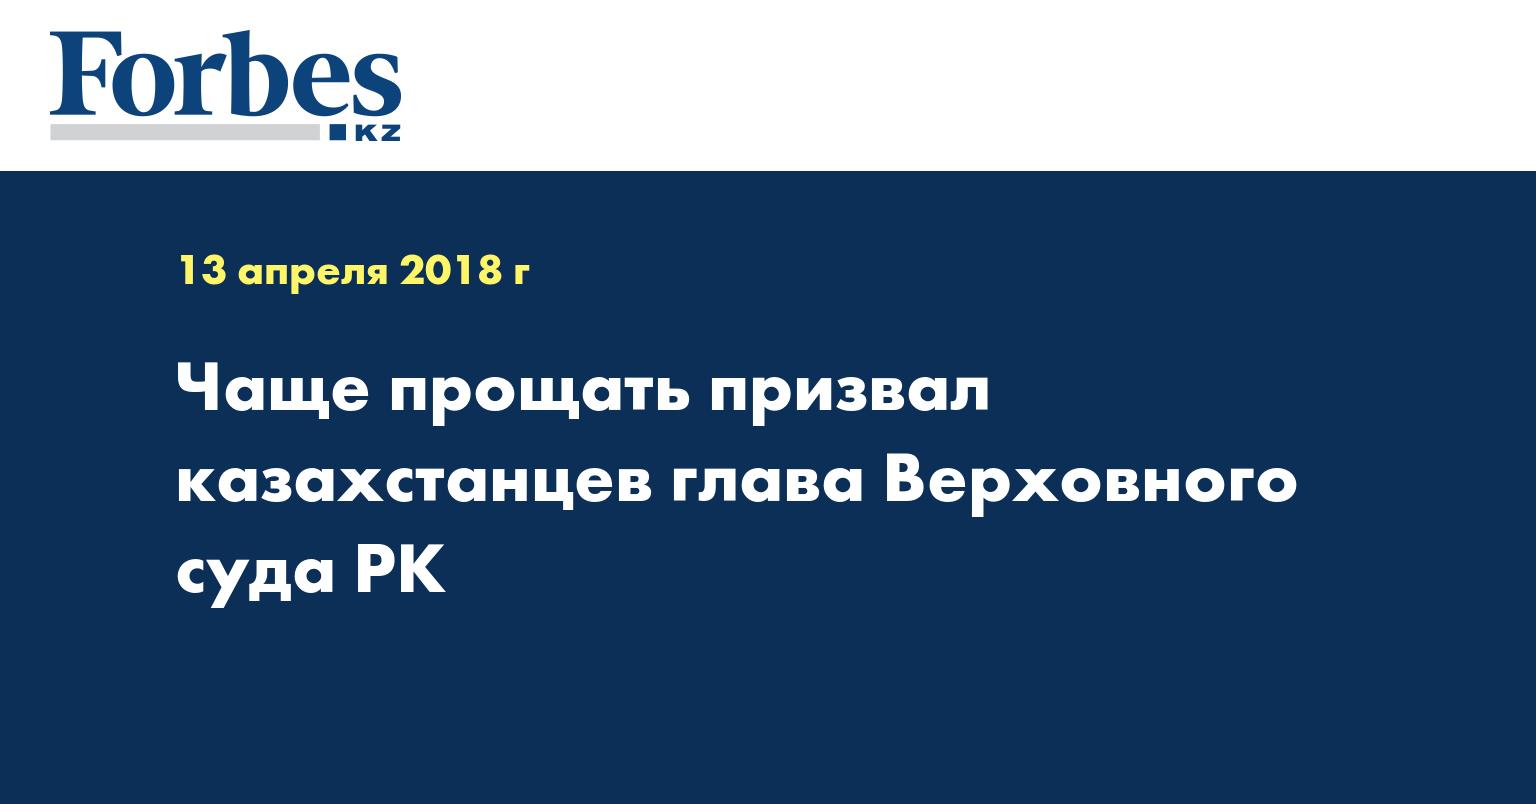 Чаще прощать призвал казахстанцев глава Верховного суда РК